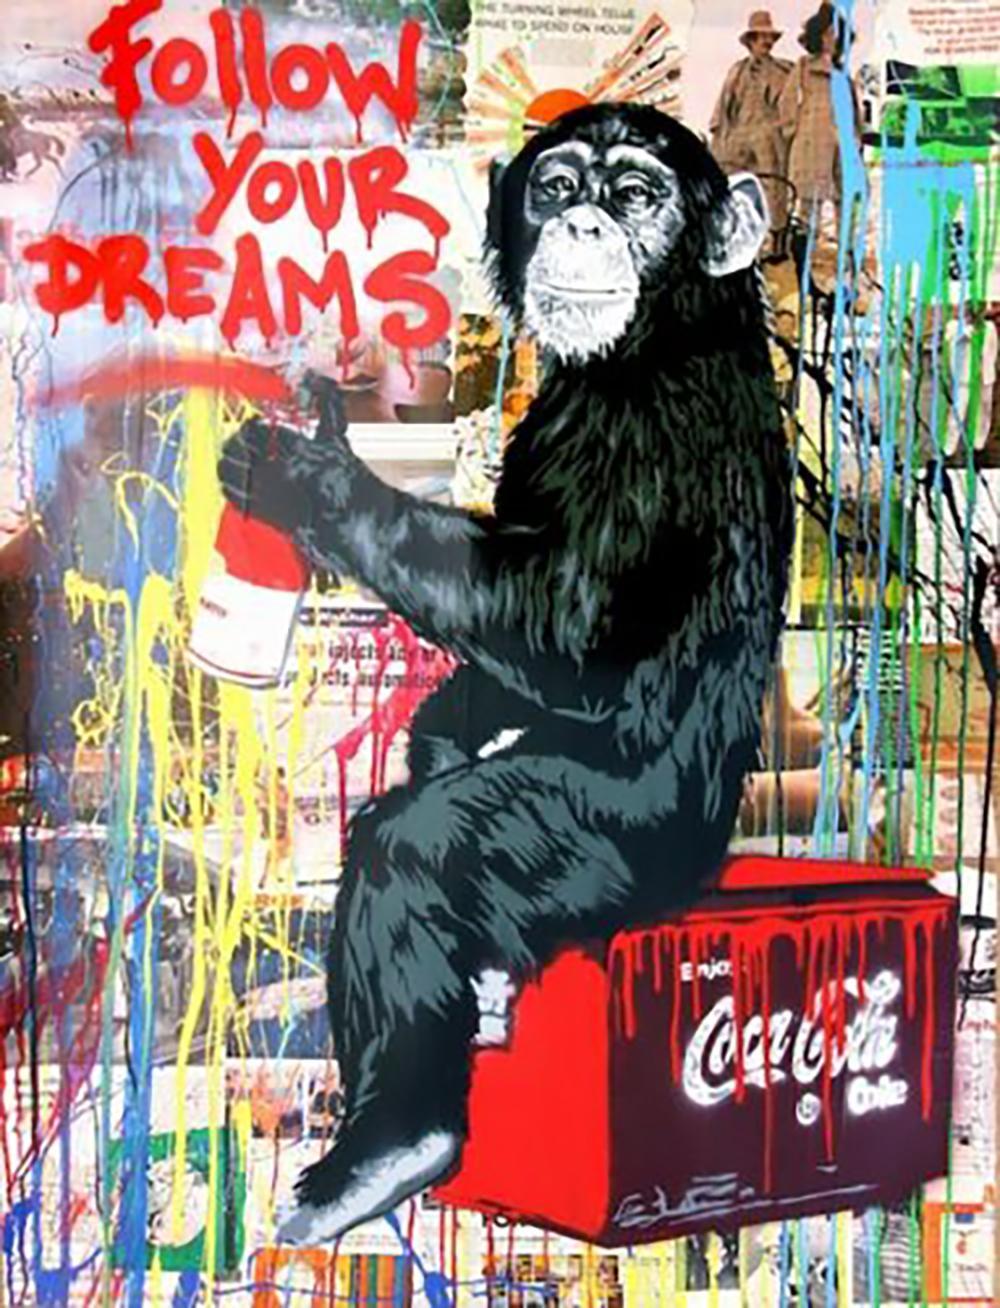 Monkey Pintura al óleo sobre lienzo Decoración para el hogar Handcrafts / HD Print Wall Art Foto de personalización es aceptable 21050805